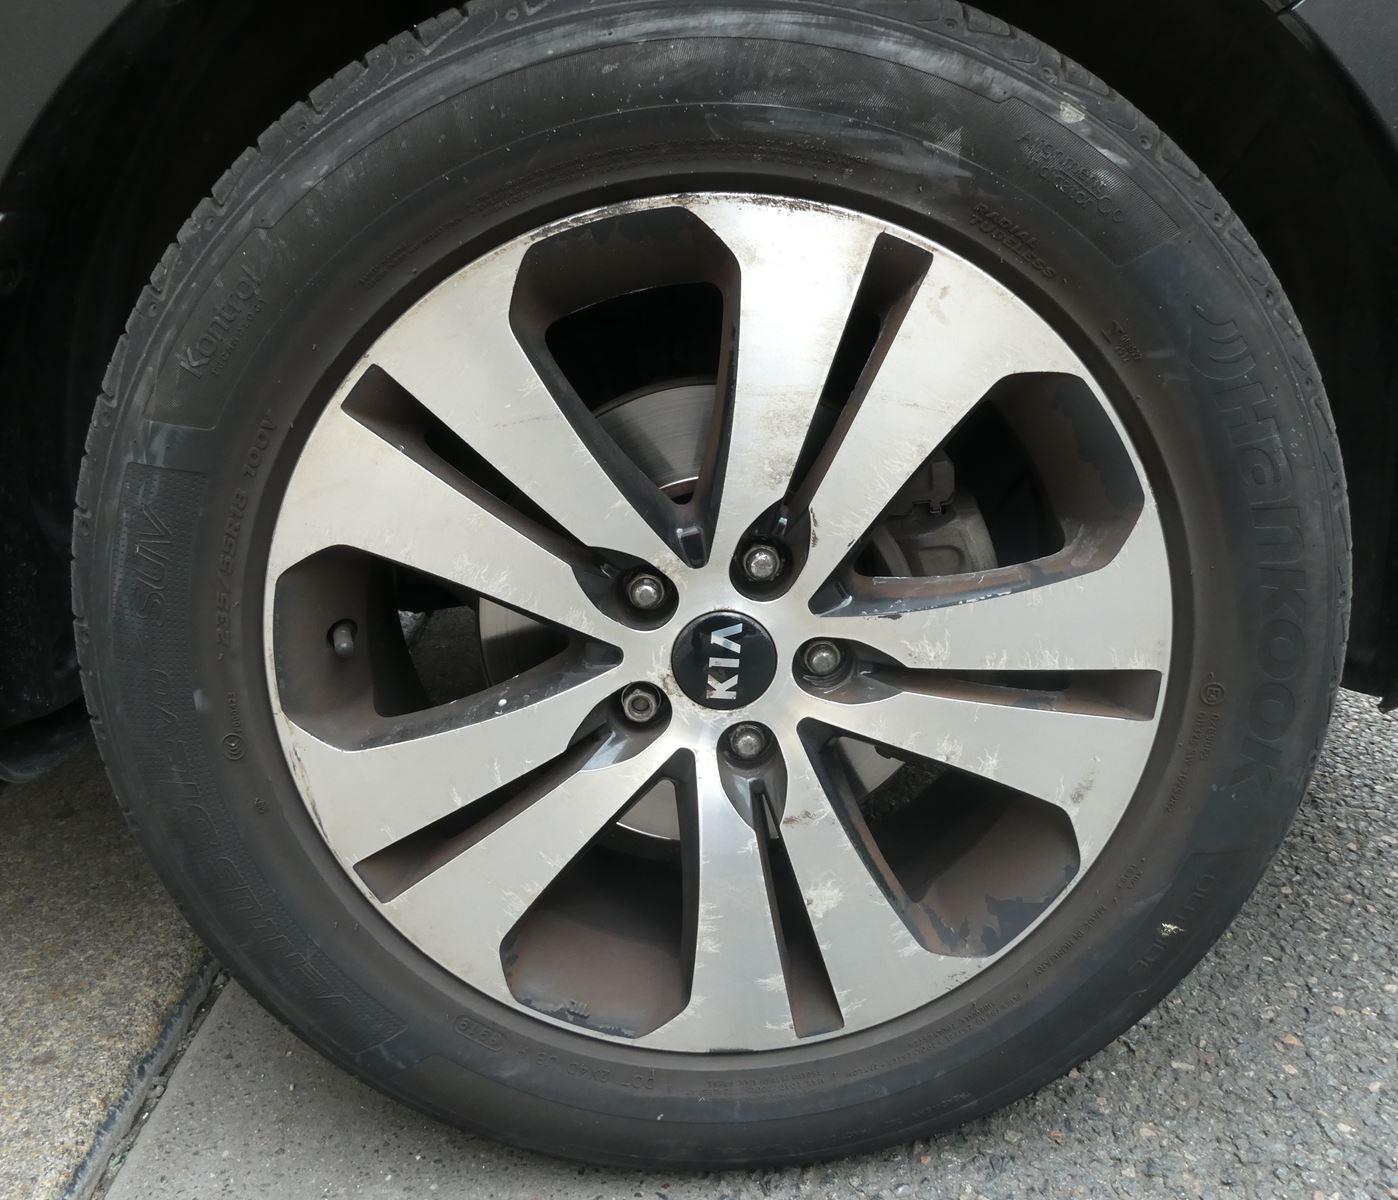 Kia Sportage 2.0 AWD Automatic 163 ch 22